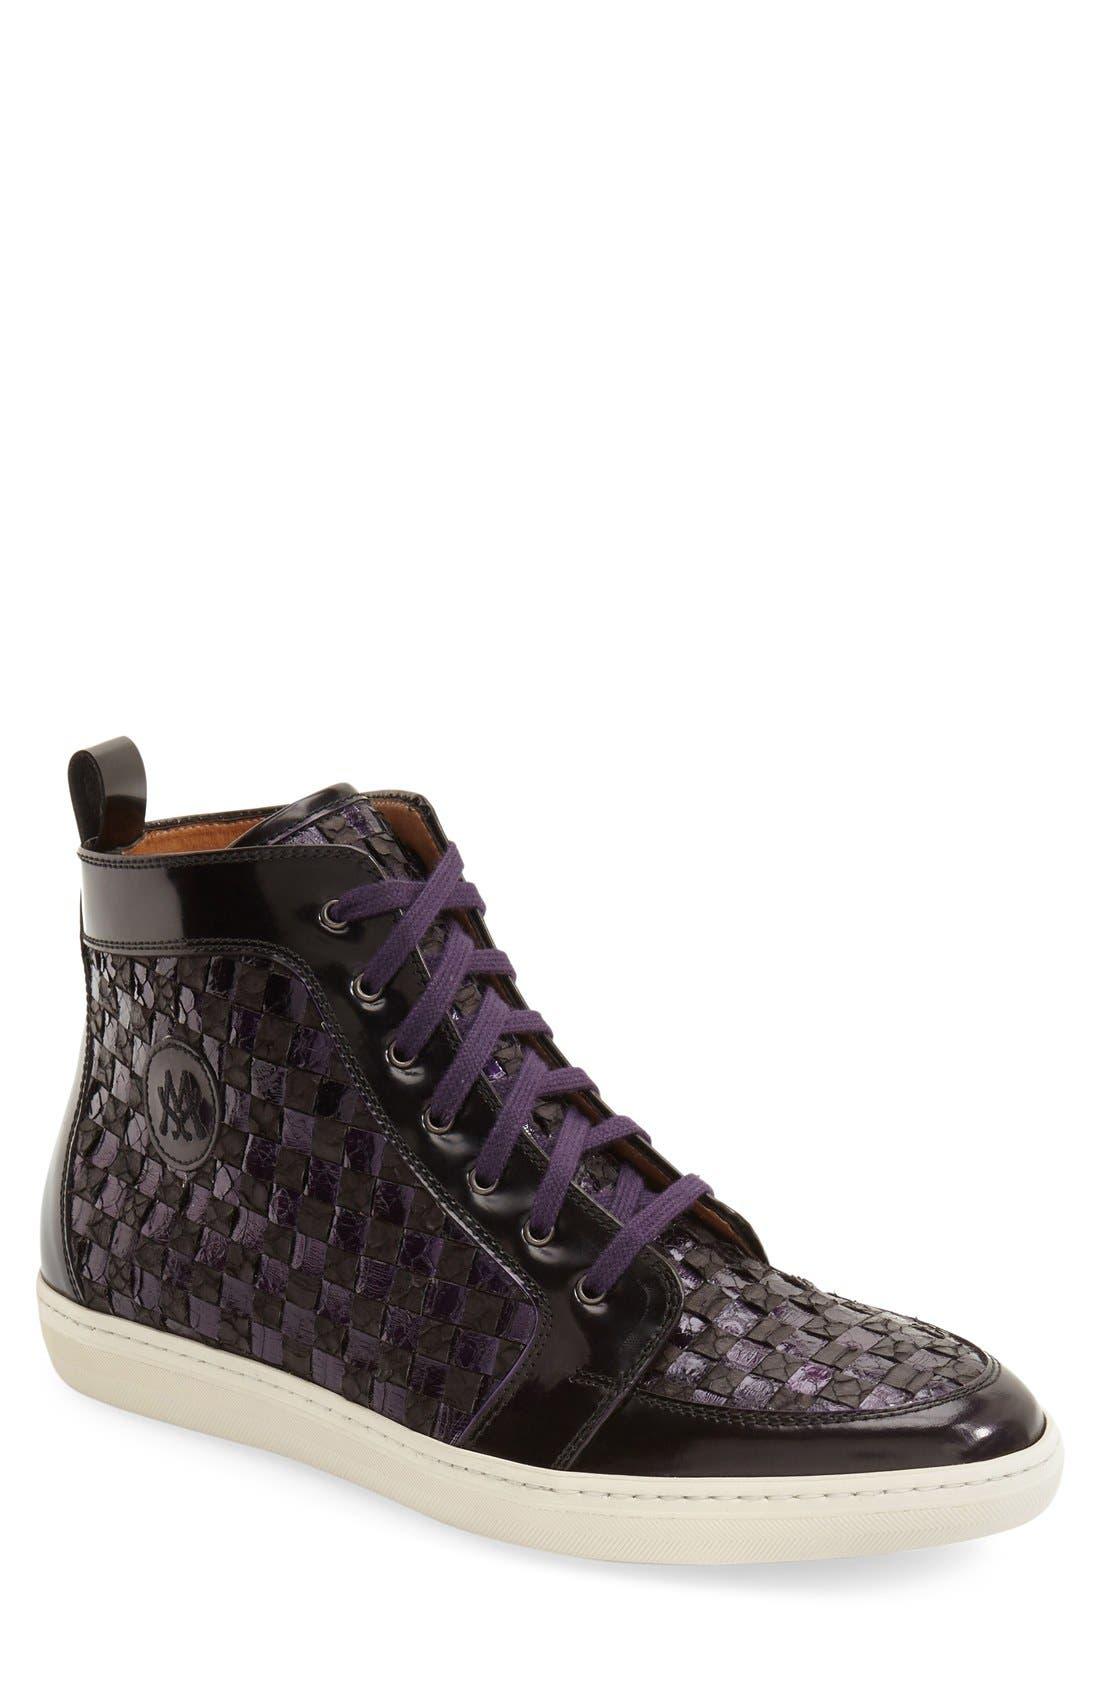 Alternate Image 1 Selected - Mezlan 'Colonia' High Top Sneaker (Men)